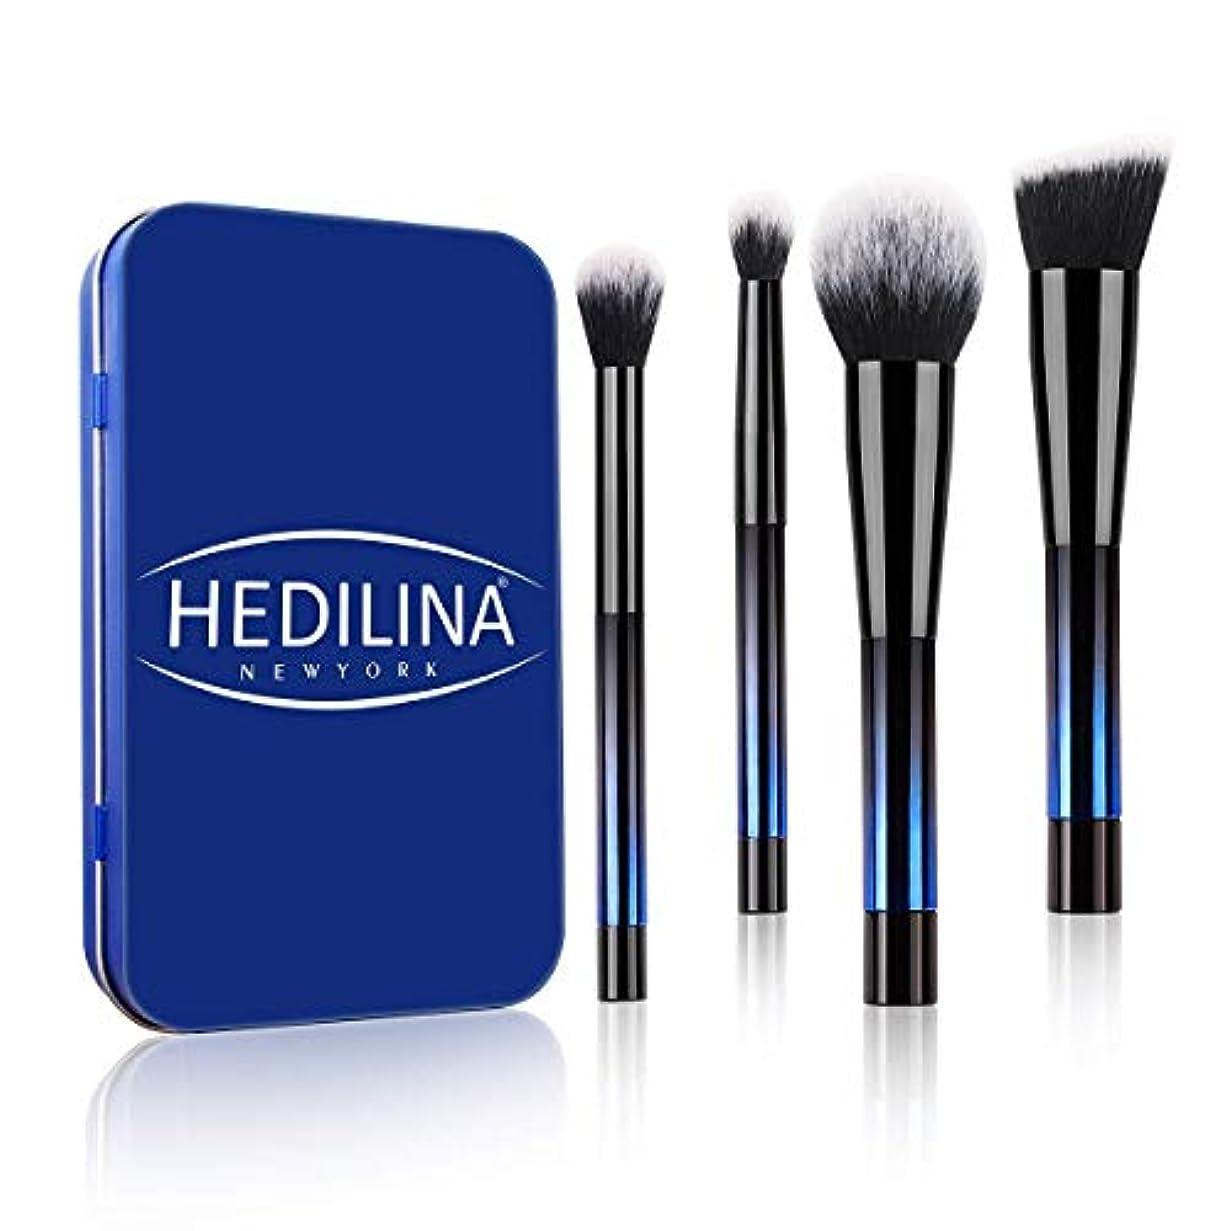 マージンローブ属性HEDILINA メイクアップブラシ 4本セット アイブラシ 高級繊維毛 ケース付き 旅行/出張用 ポータブル